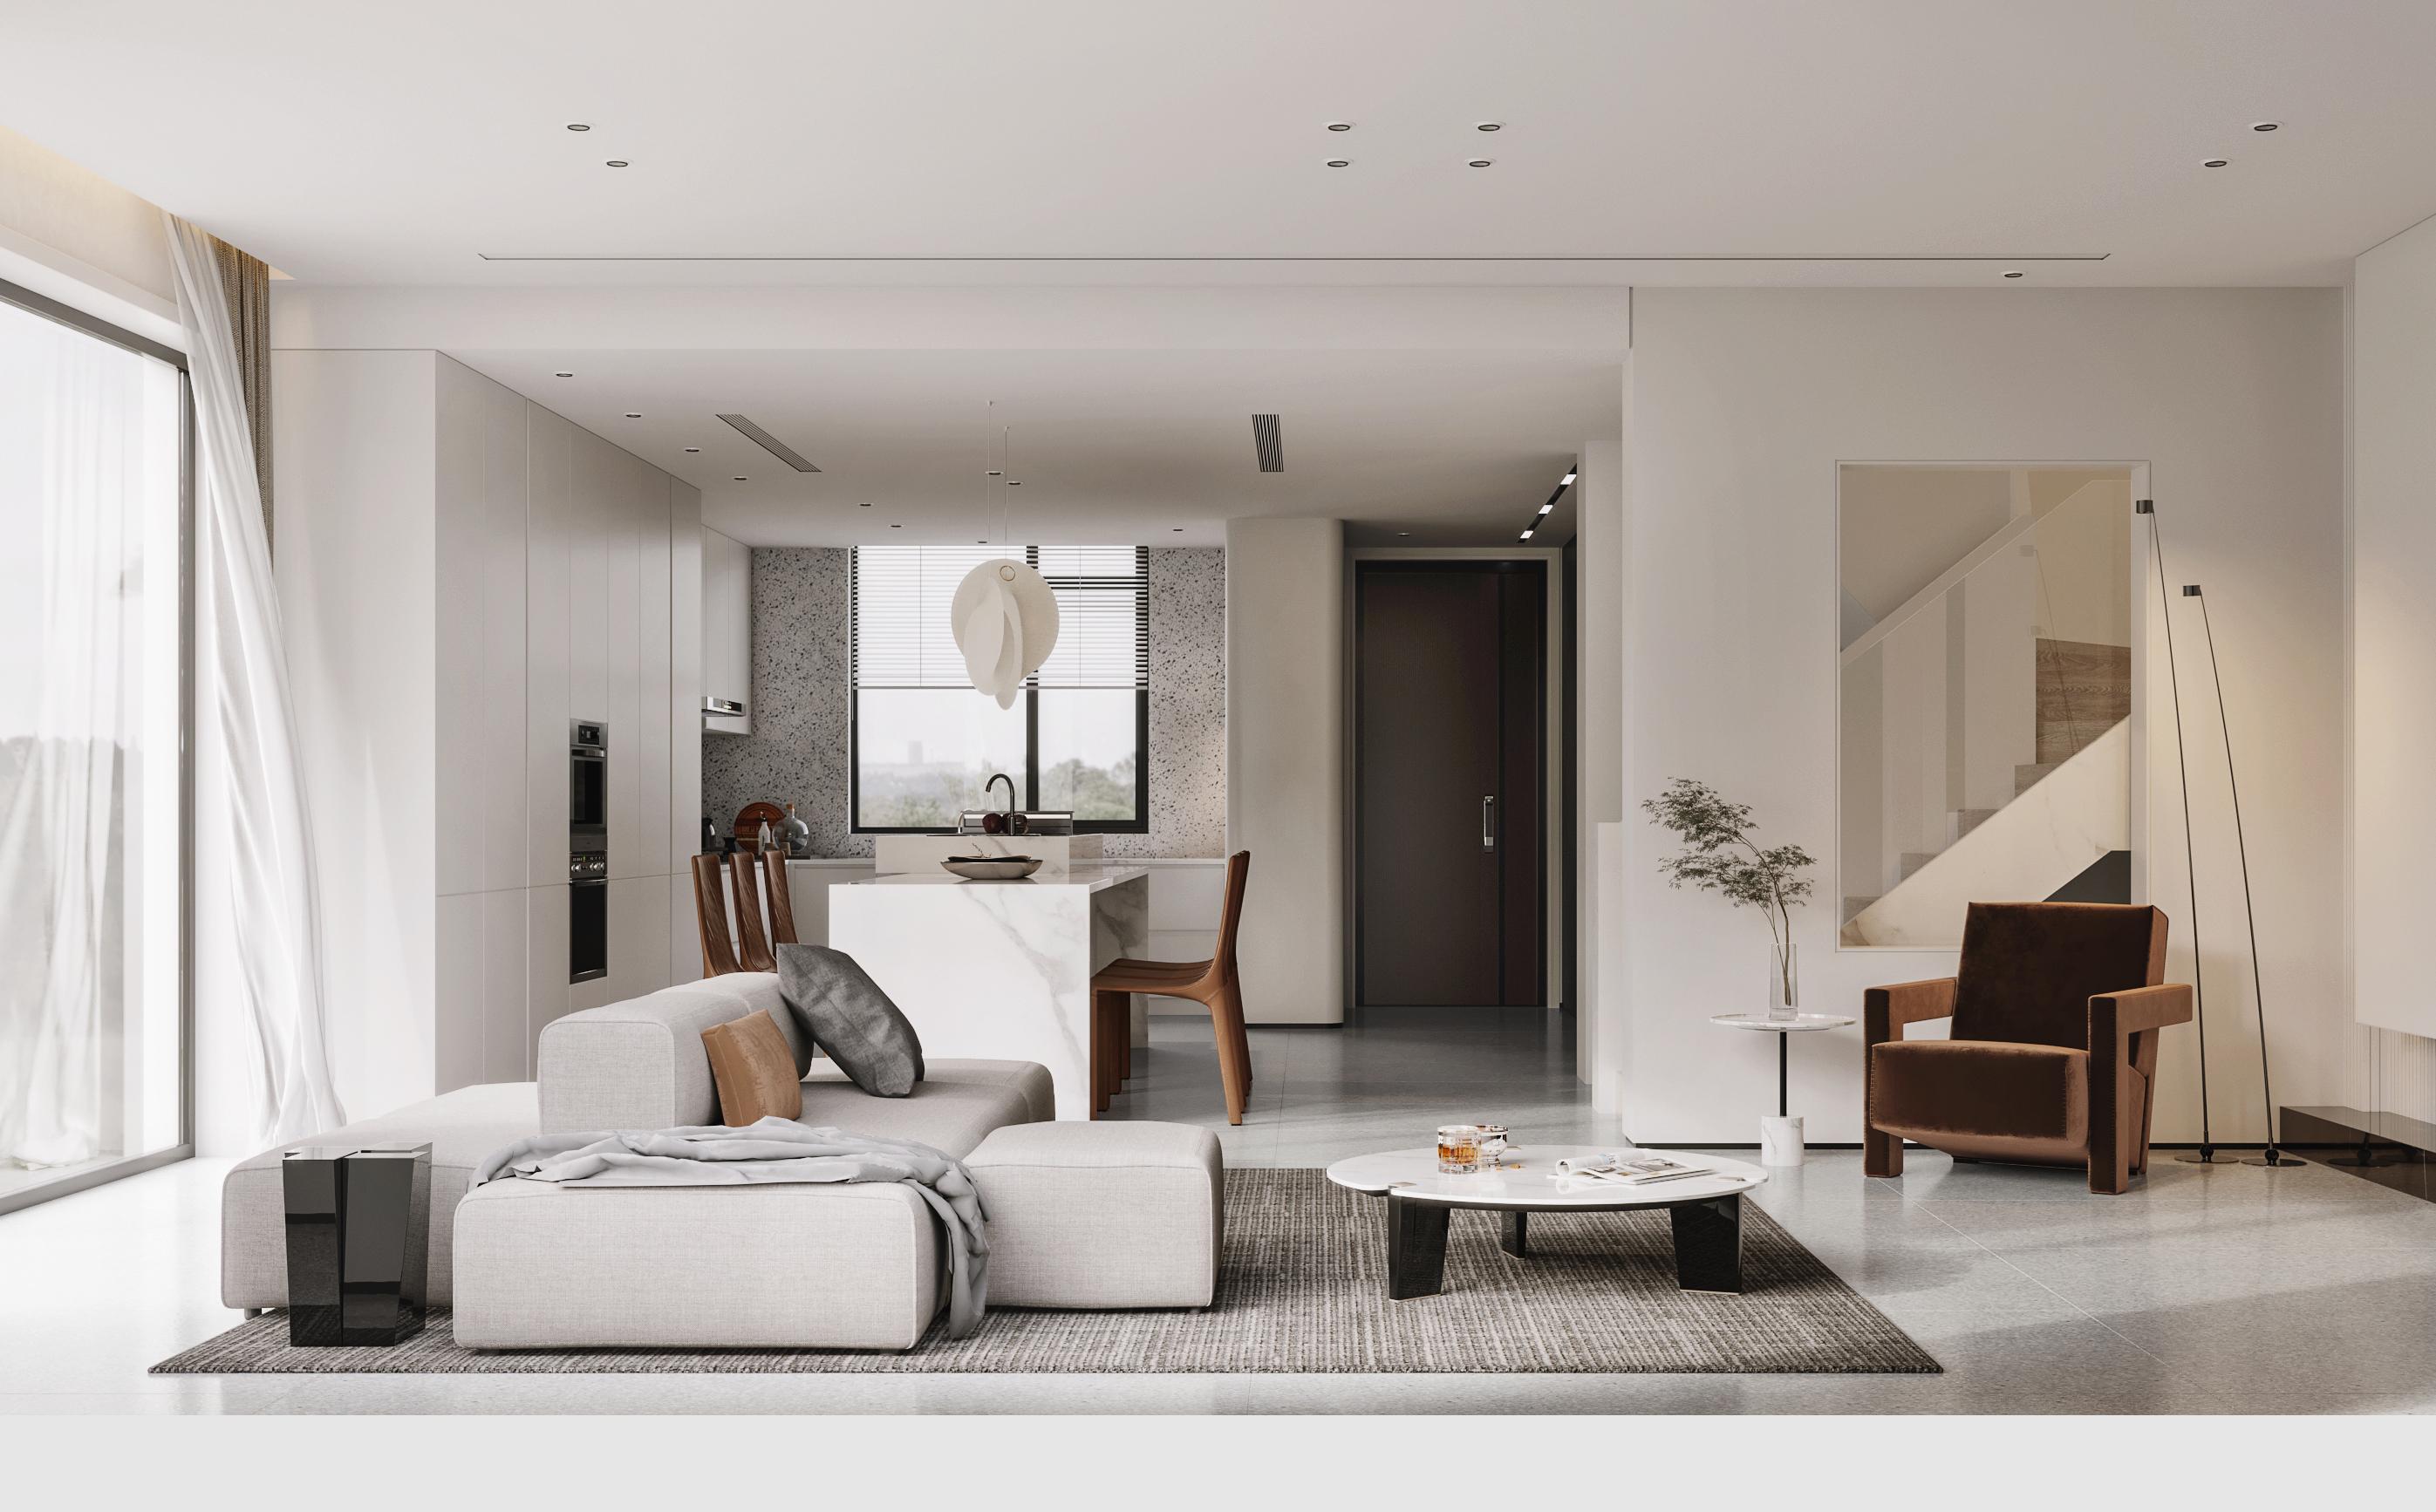 景瑞御府 联排别墅 极简风格 180平米装修设计